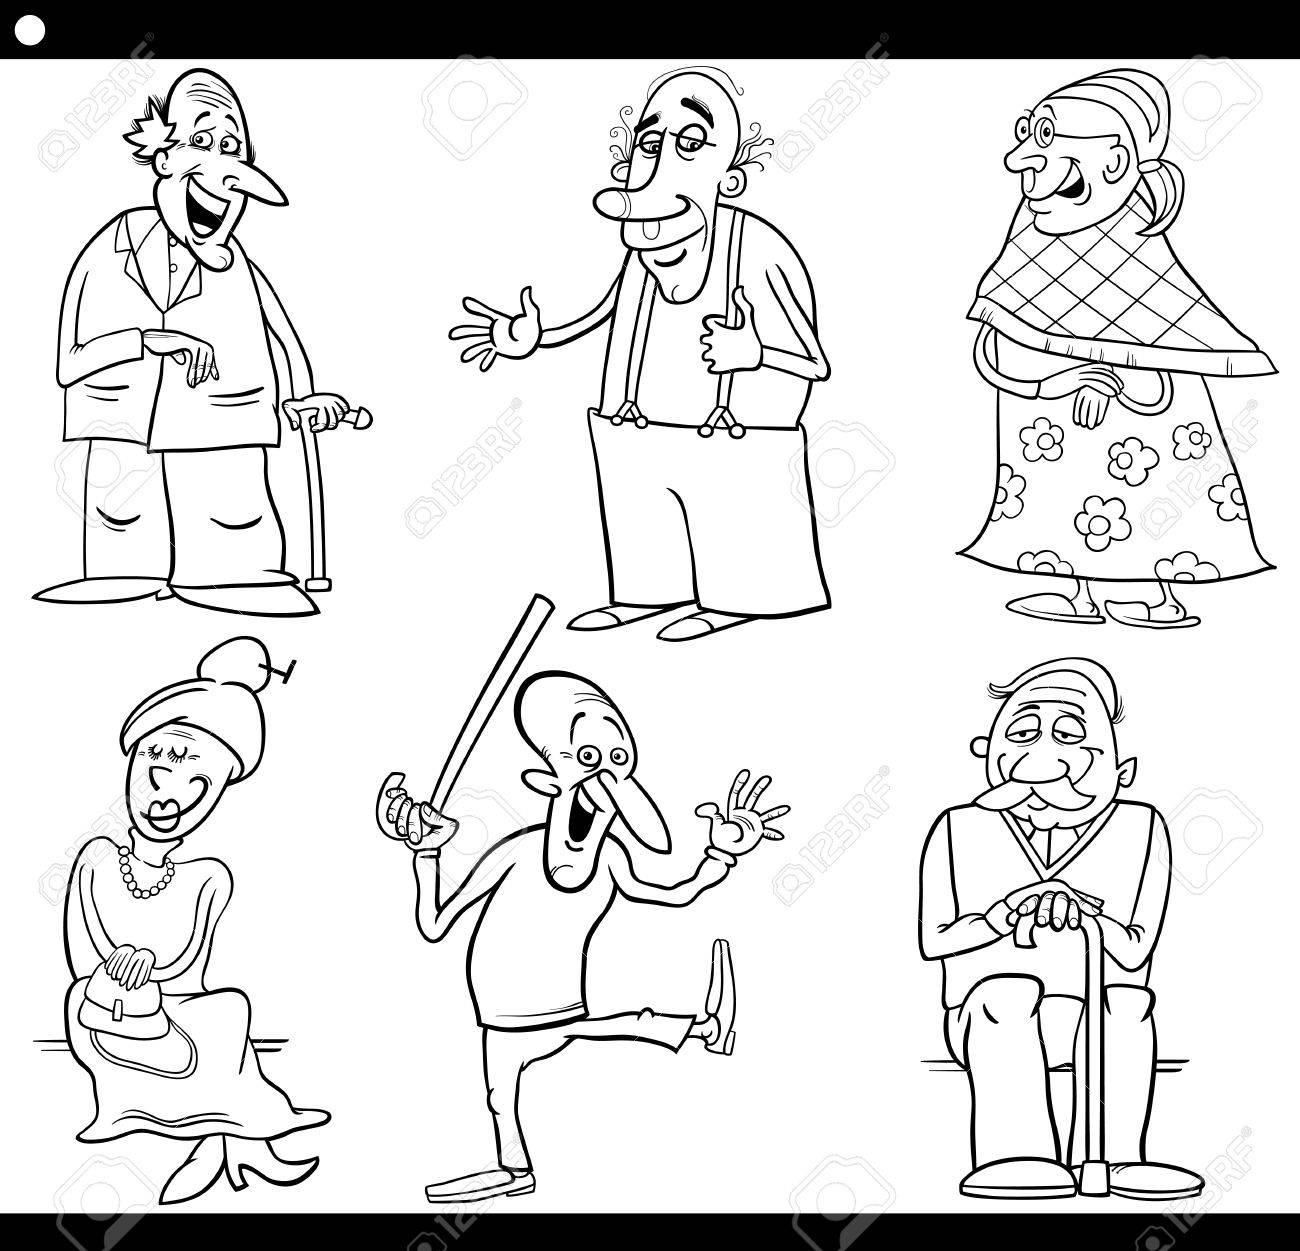 男性高齢者と女性高齢者塗り絵用の黒と白の漫画イラスト セットの